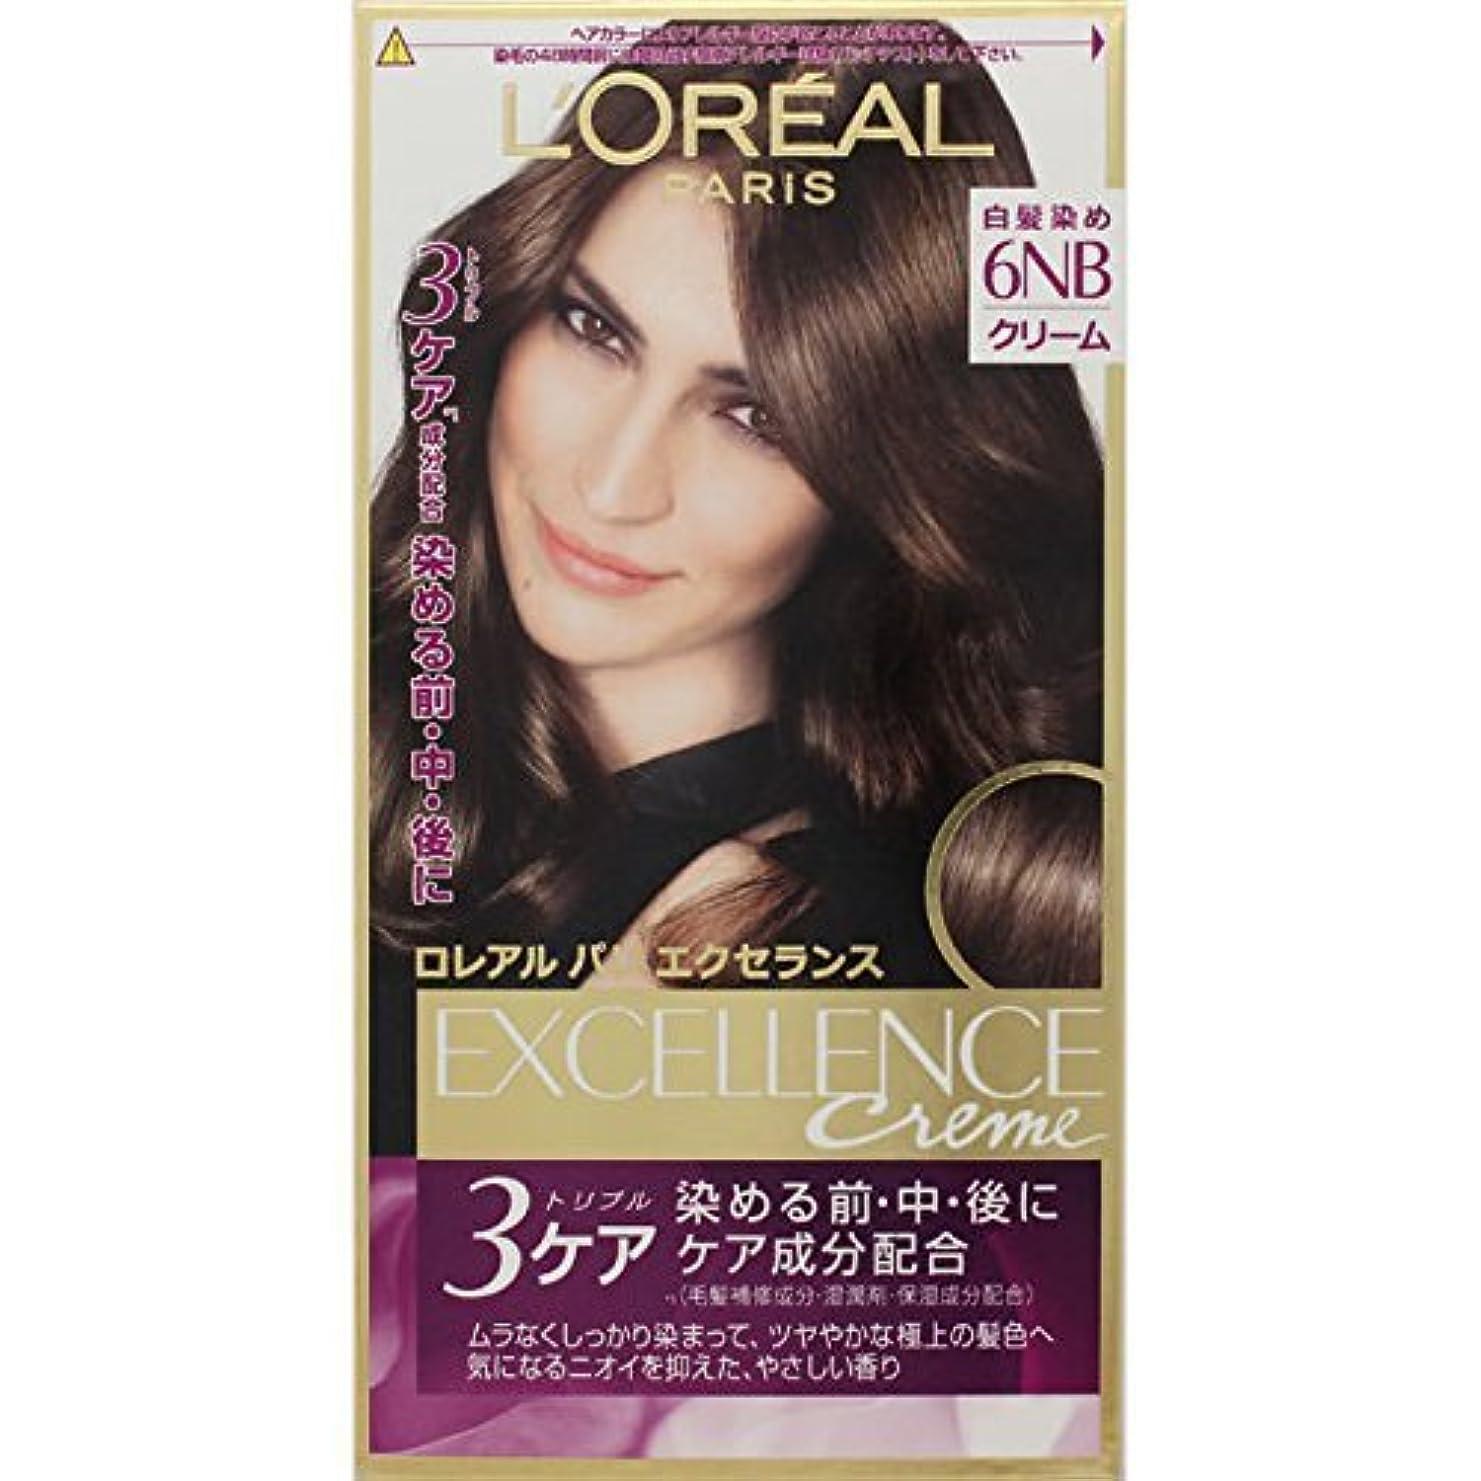 血揃えるスクラップロレアル パリ ヘアカラー 白髪染め エクセランス N クリームタイプ 6NB やや明るい自然な栗色